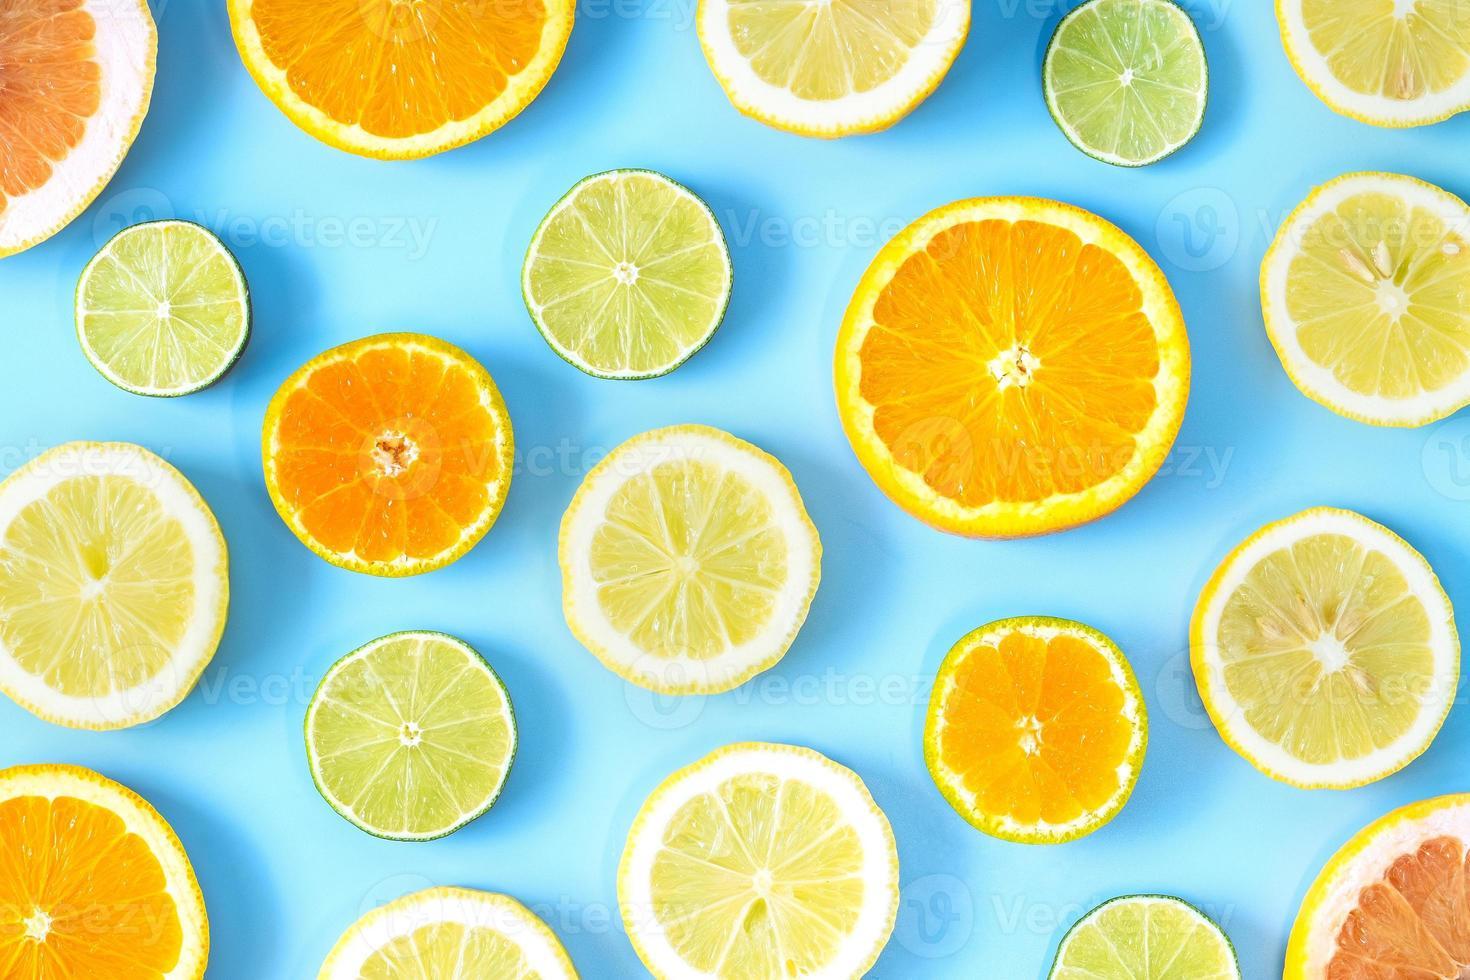 collection de citron vert frais, citron, orange, agrumes, tranche de pamplemousse sur fond bleu. photo